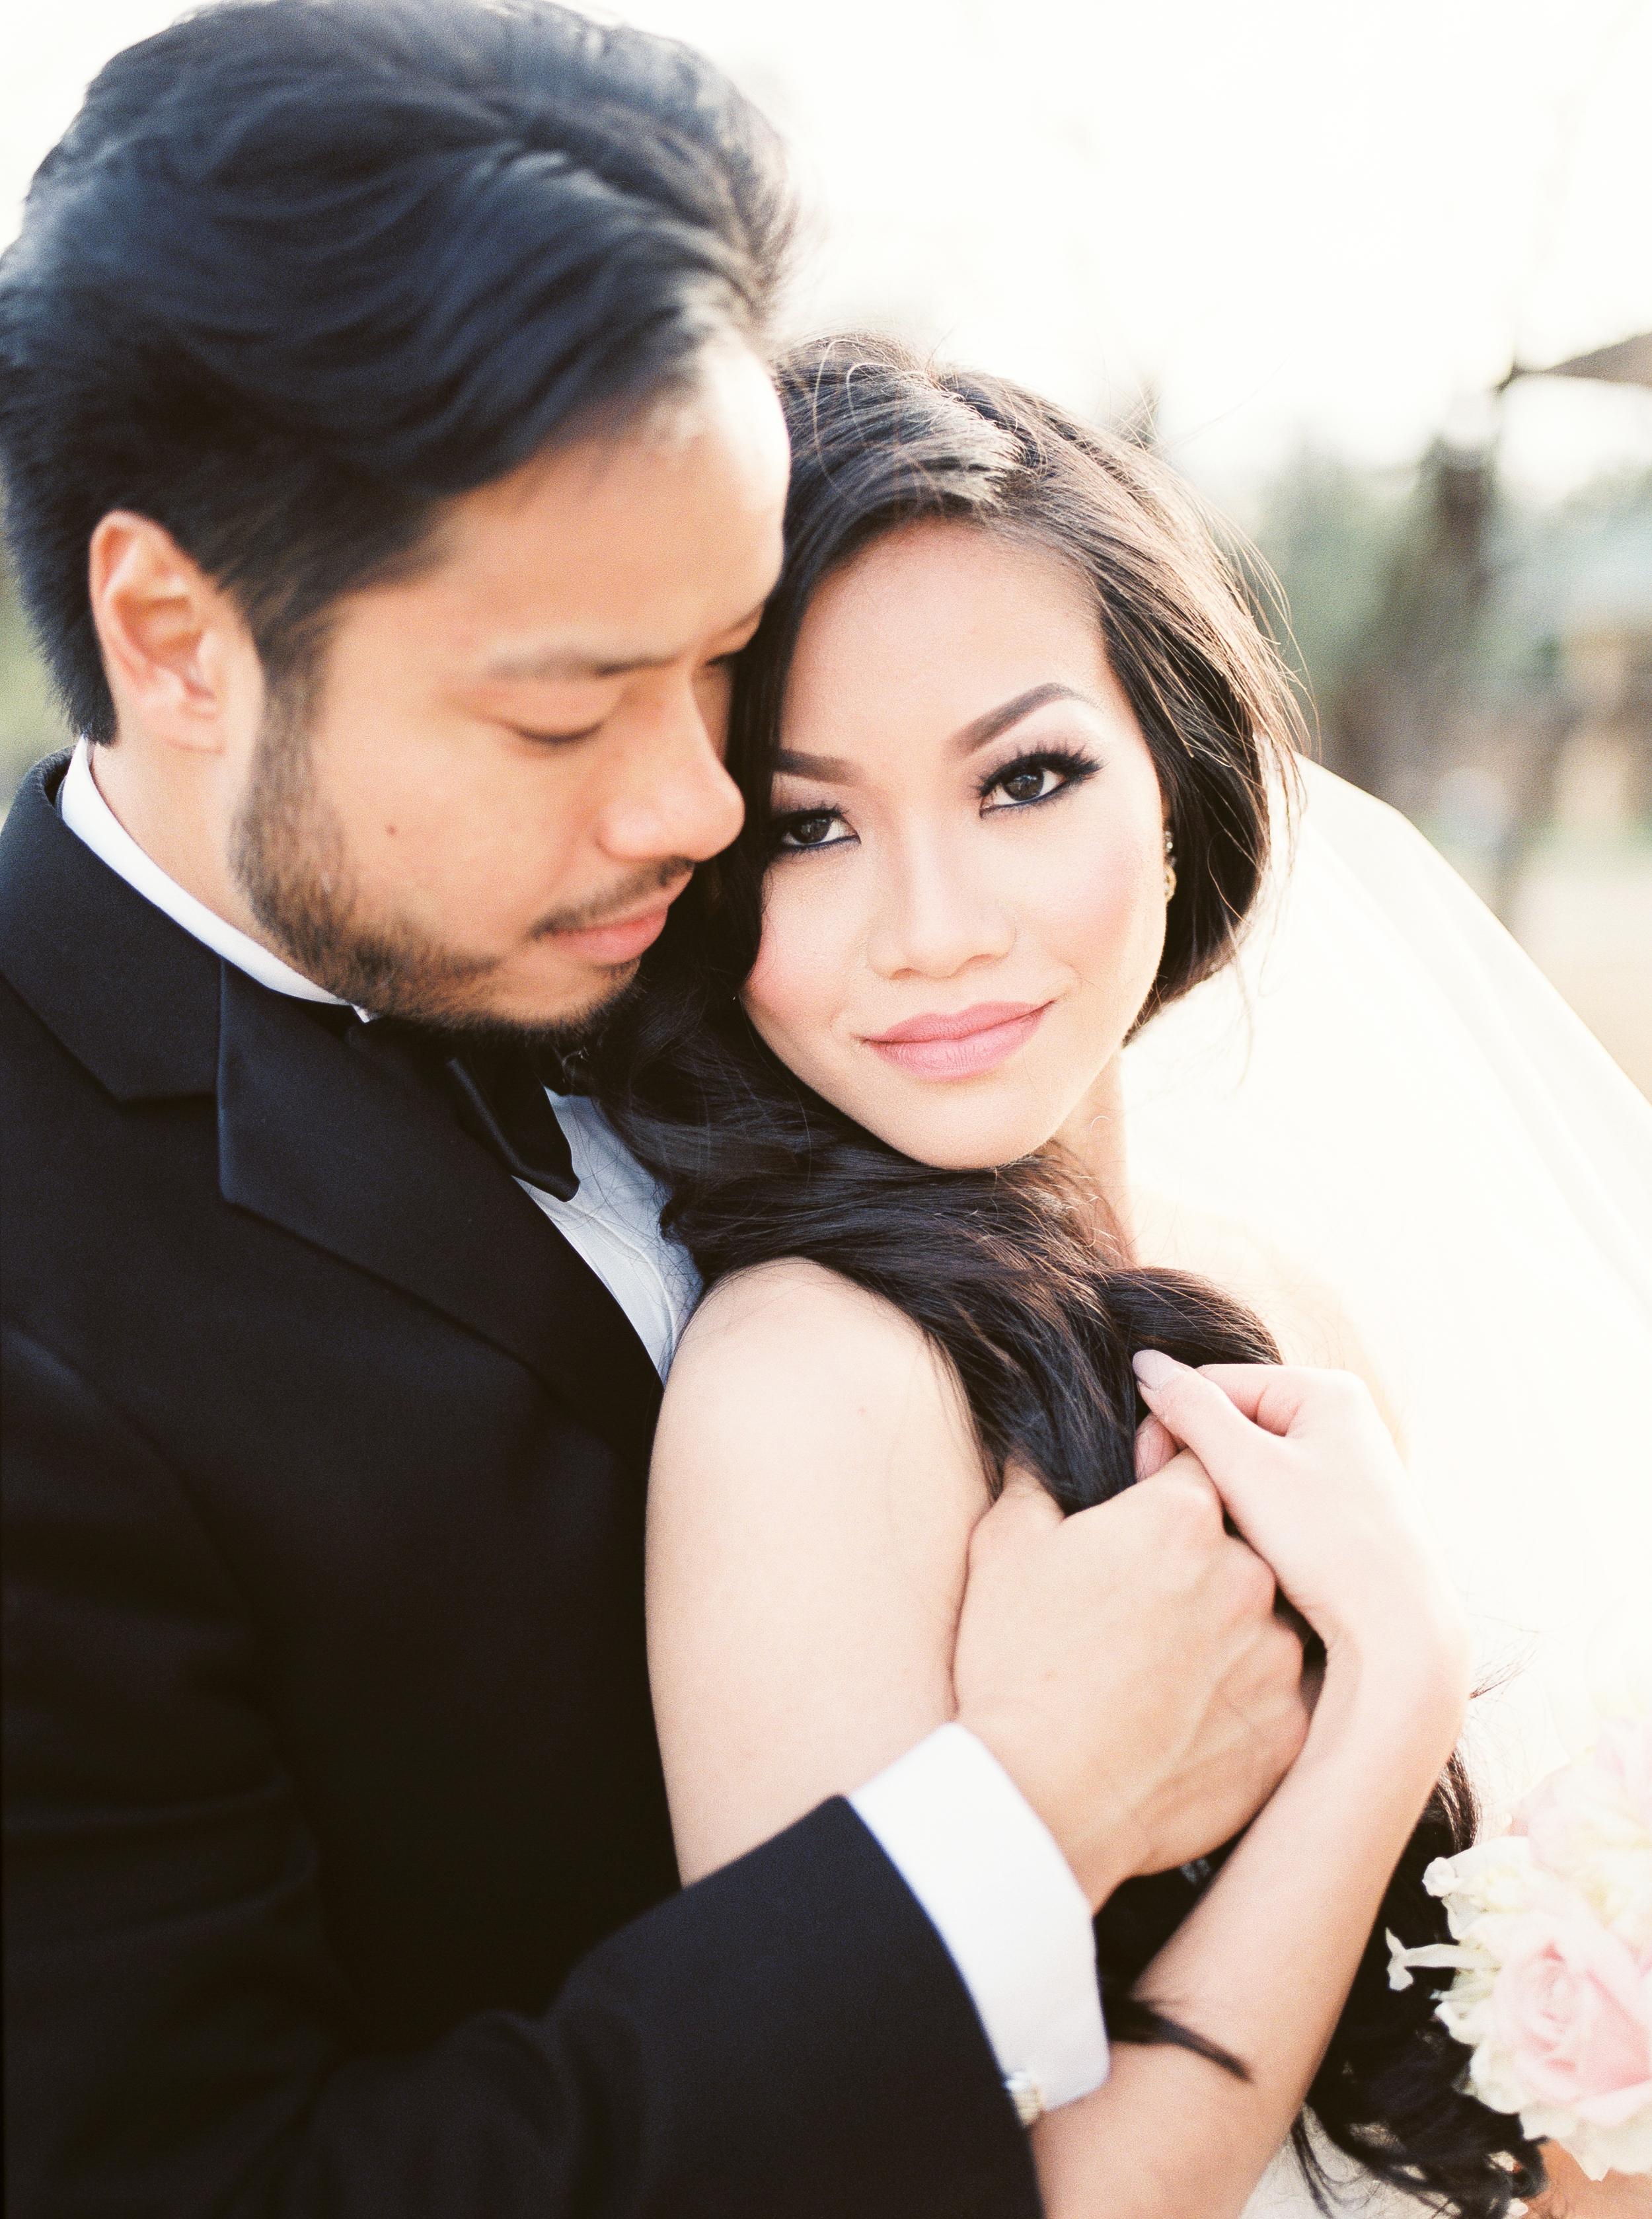 Yip Wedding311.jpg